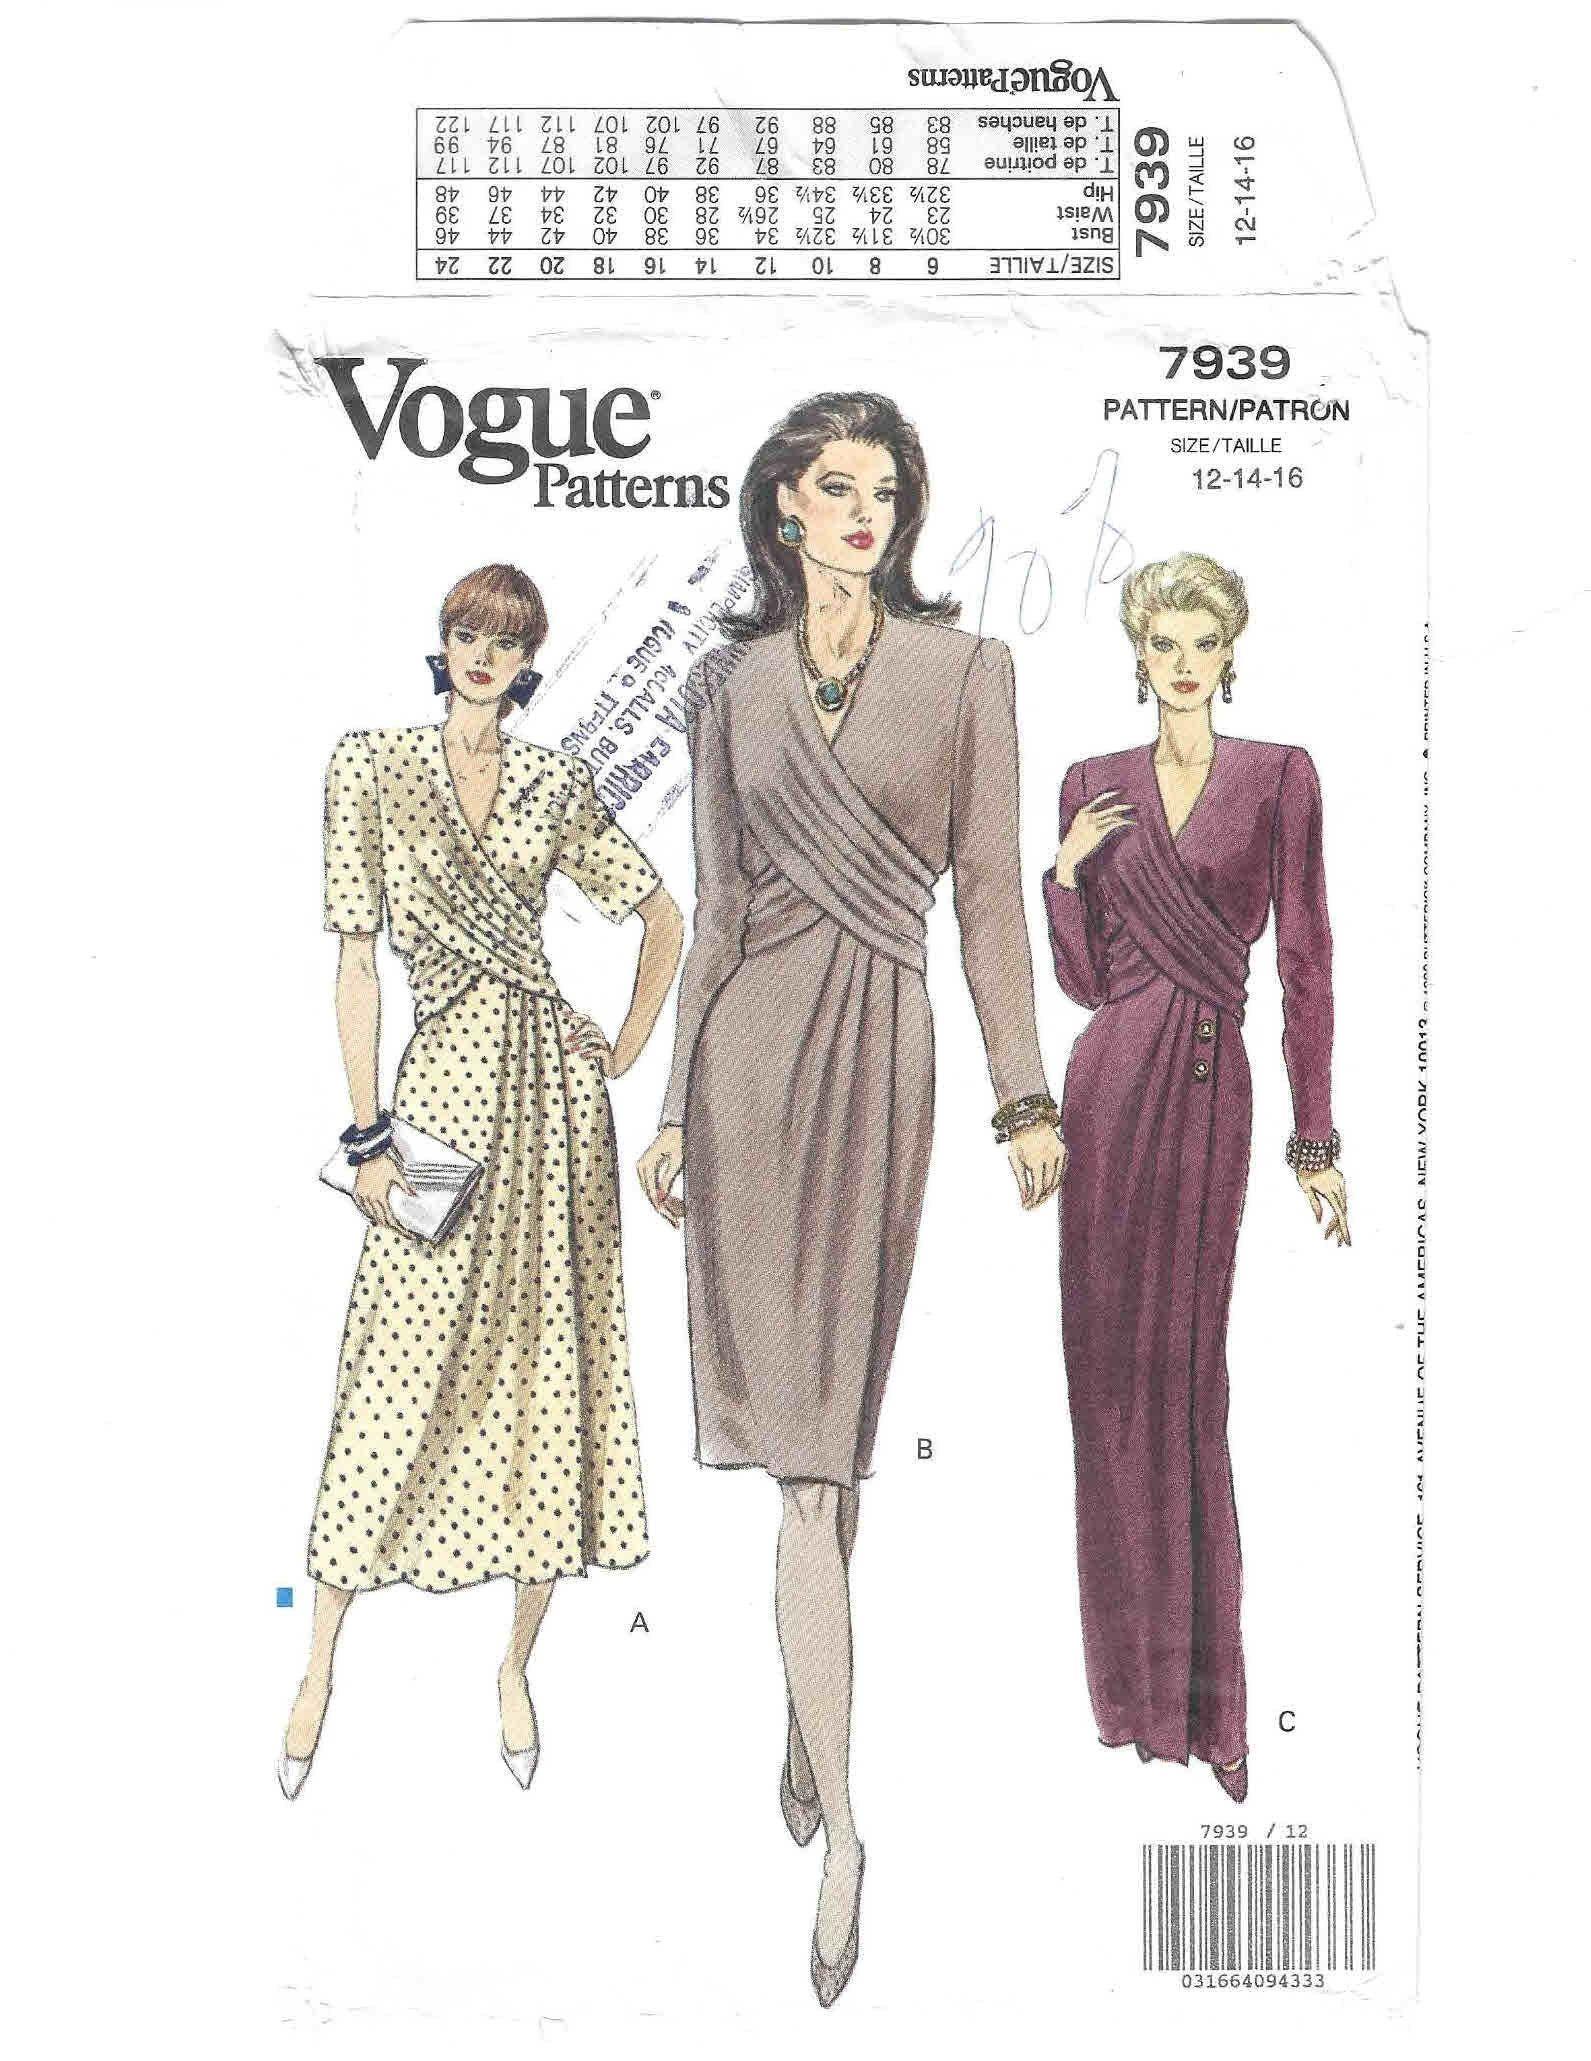 Vogue Faux Wrap Dress Pattern 7939 Uncut Sizes 12 14 16 Bust Etsy In 2021 Wrap Dress Pattern Faux Wrap Dress Faux Wrap Dress Pattern [ 2061 x 1591 Pixel ]